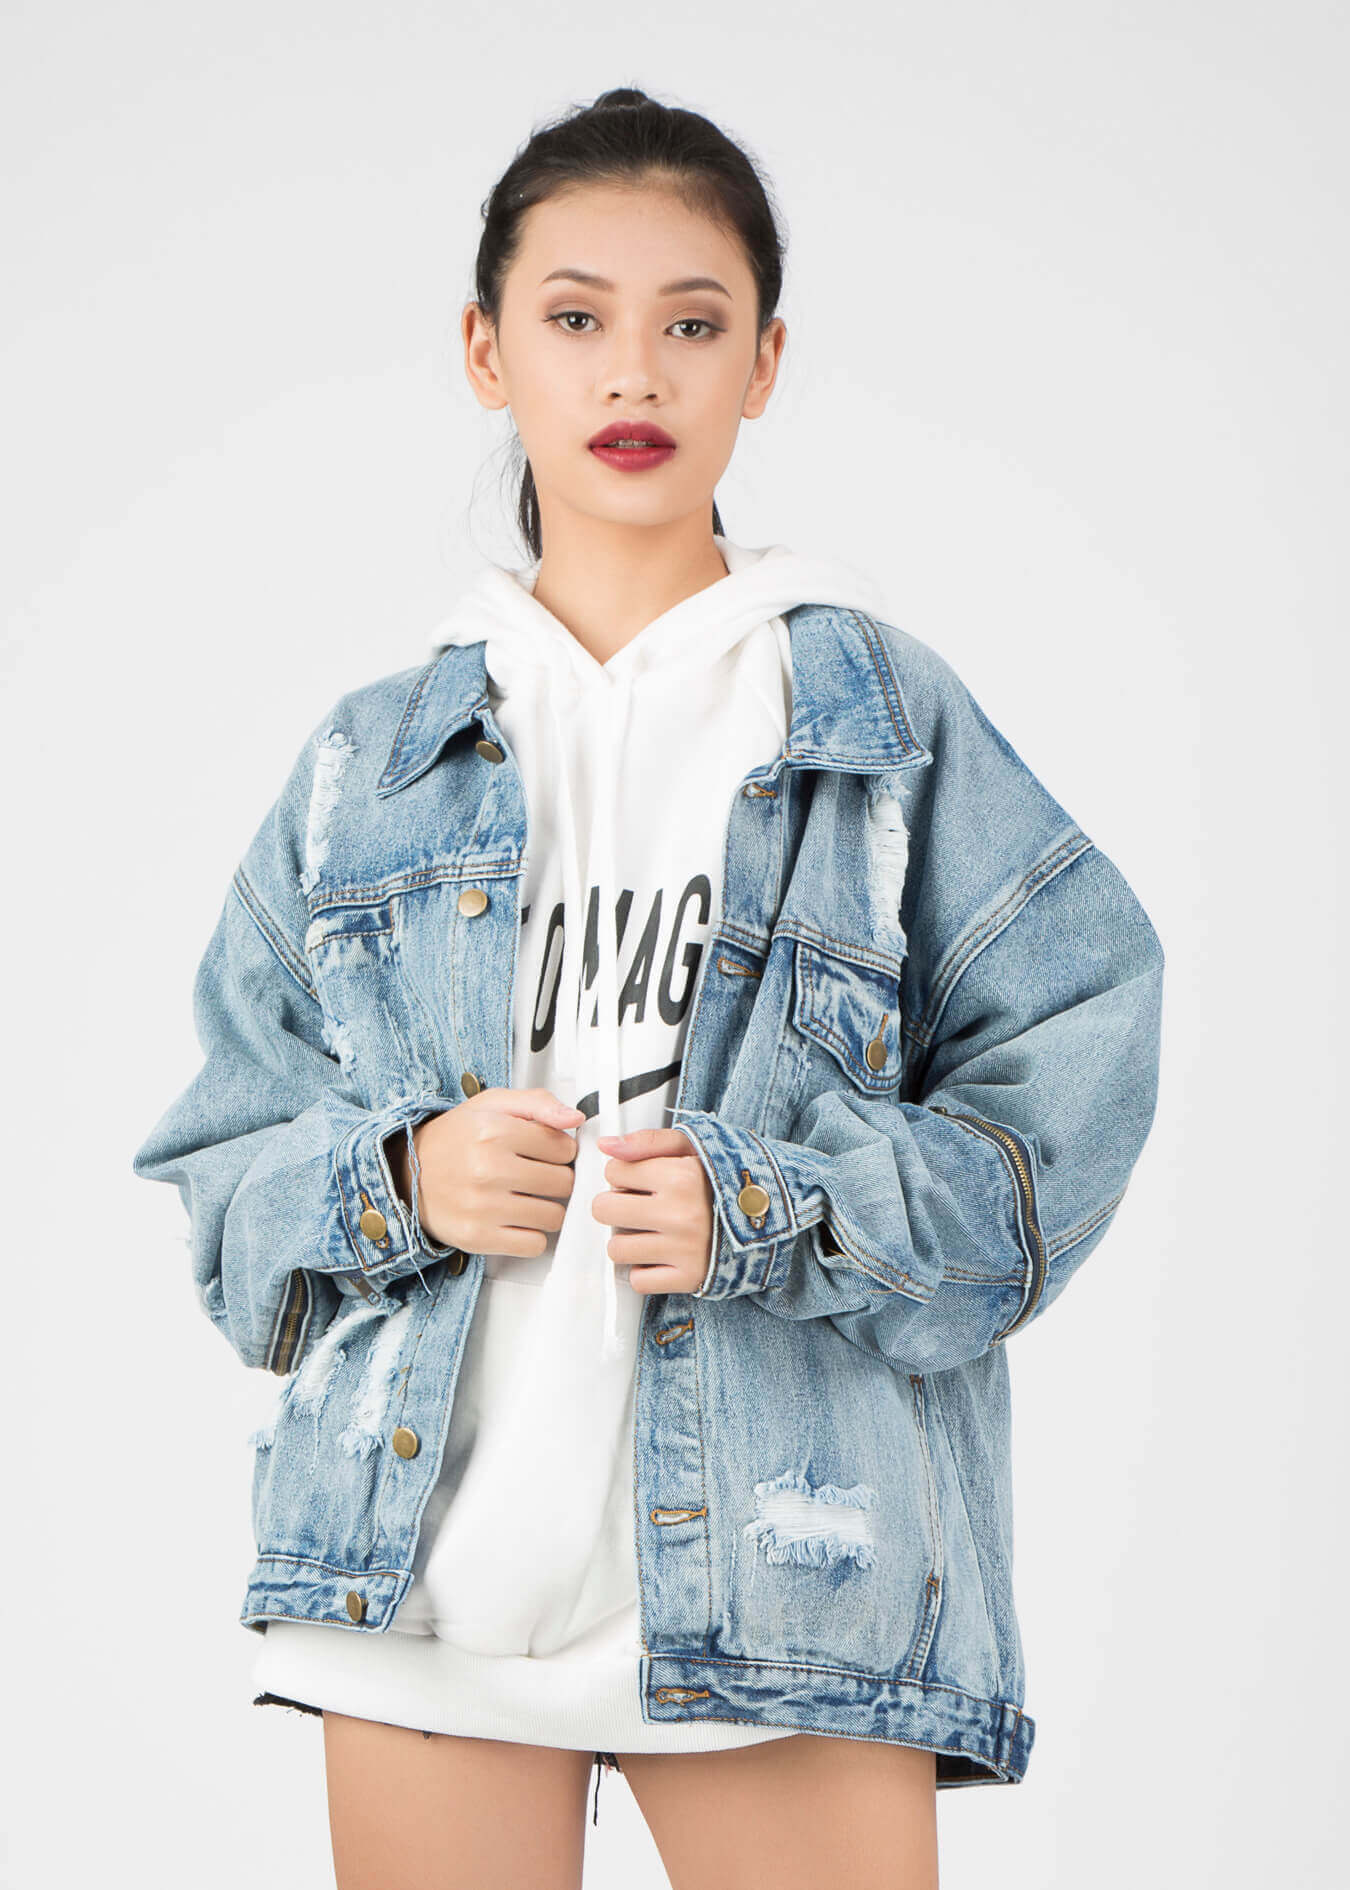 Áo khoác jean rách: Chiếc áo khoác bạn nên sở hữu